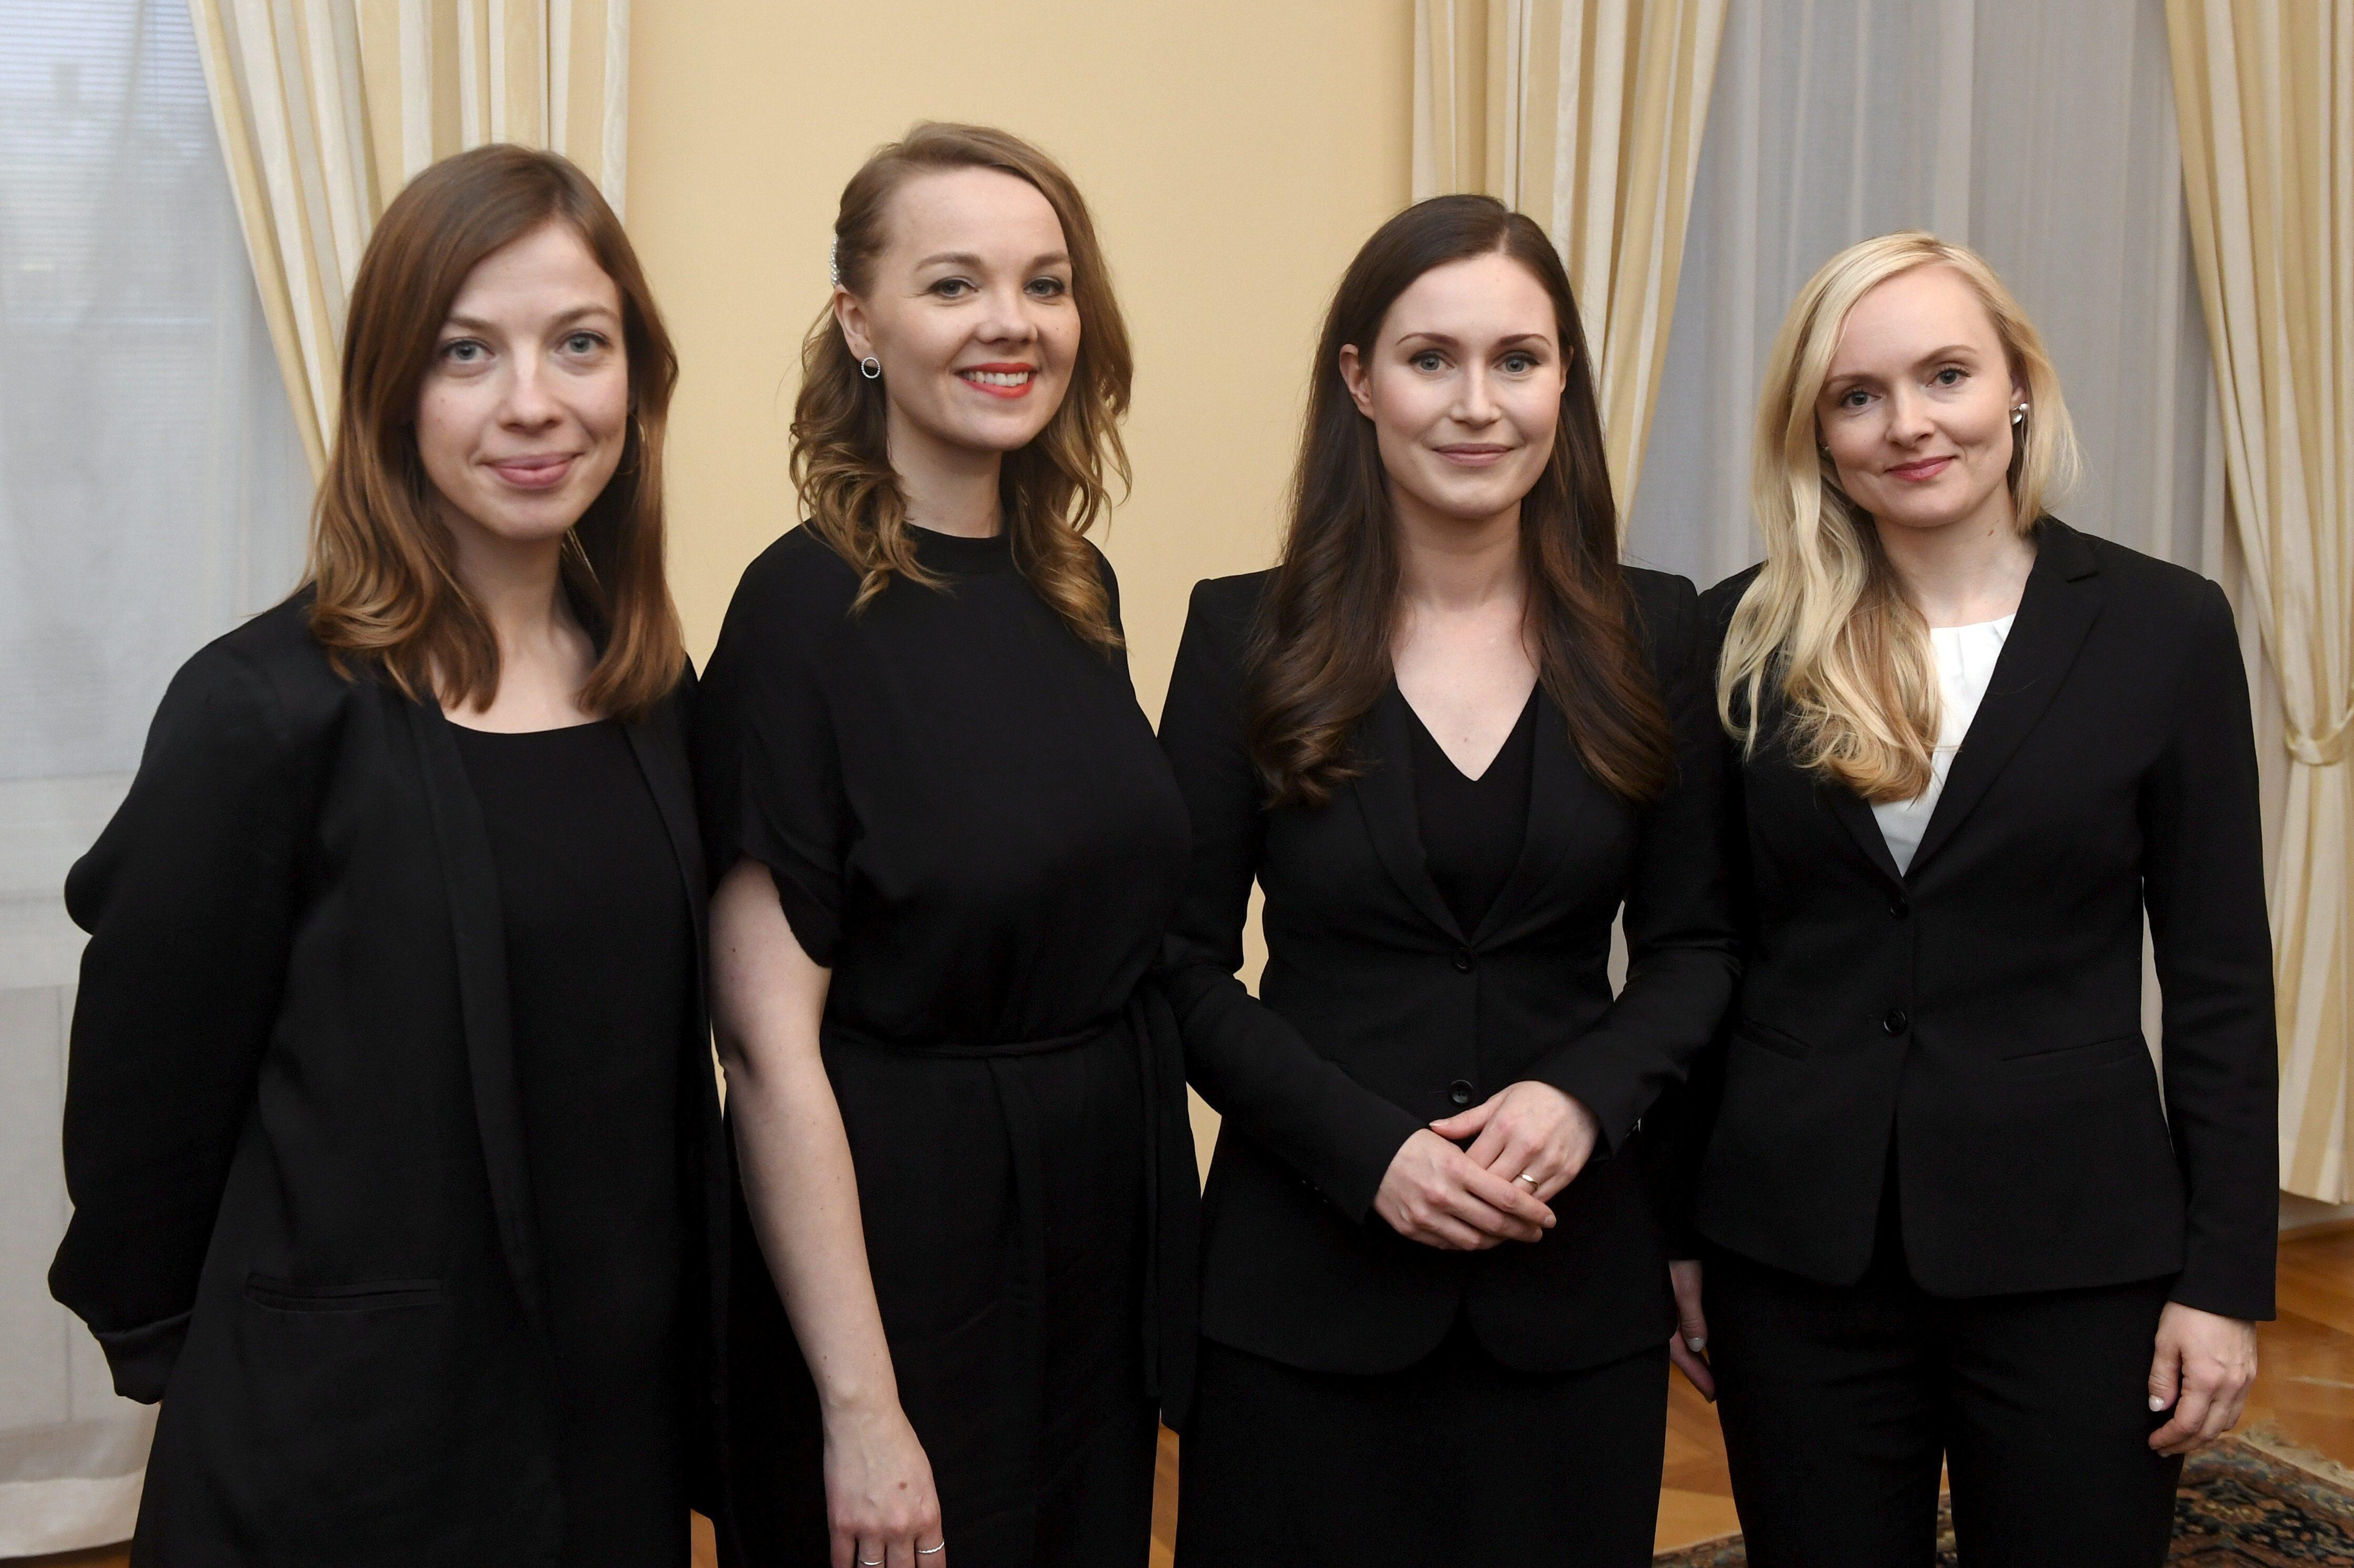 Le jeune Premier ministre finlandais promet la stabilité et continuera de publier sur Instagram